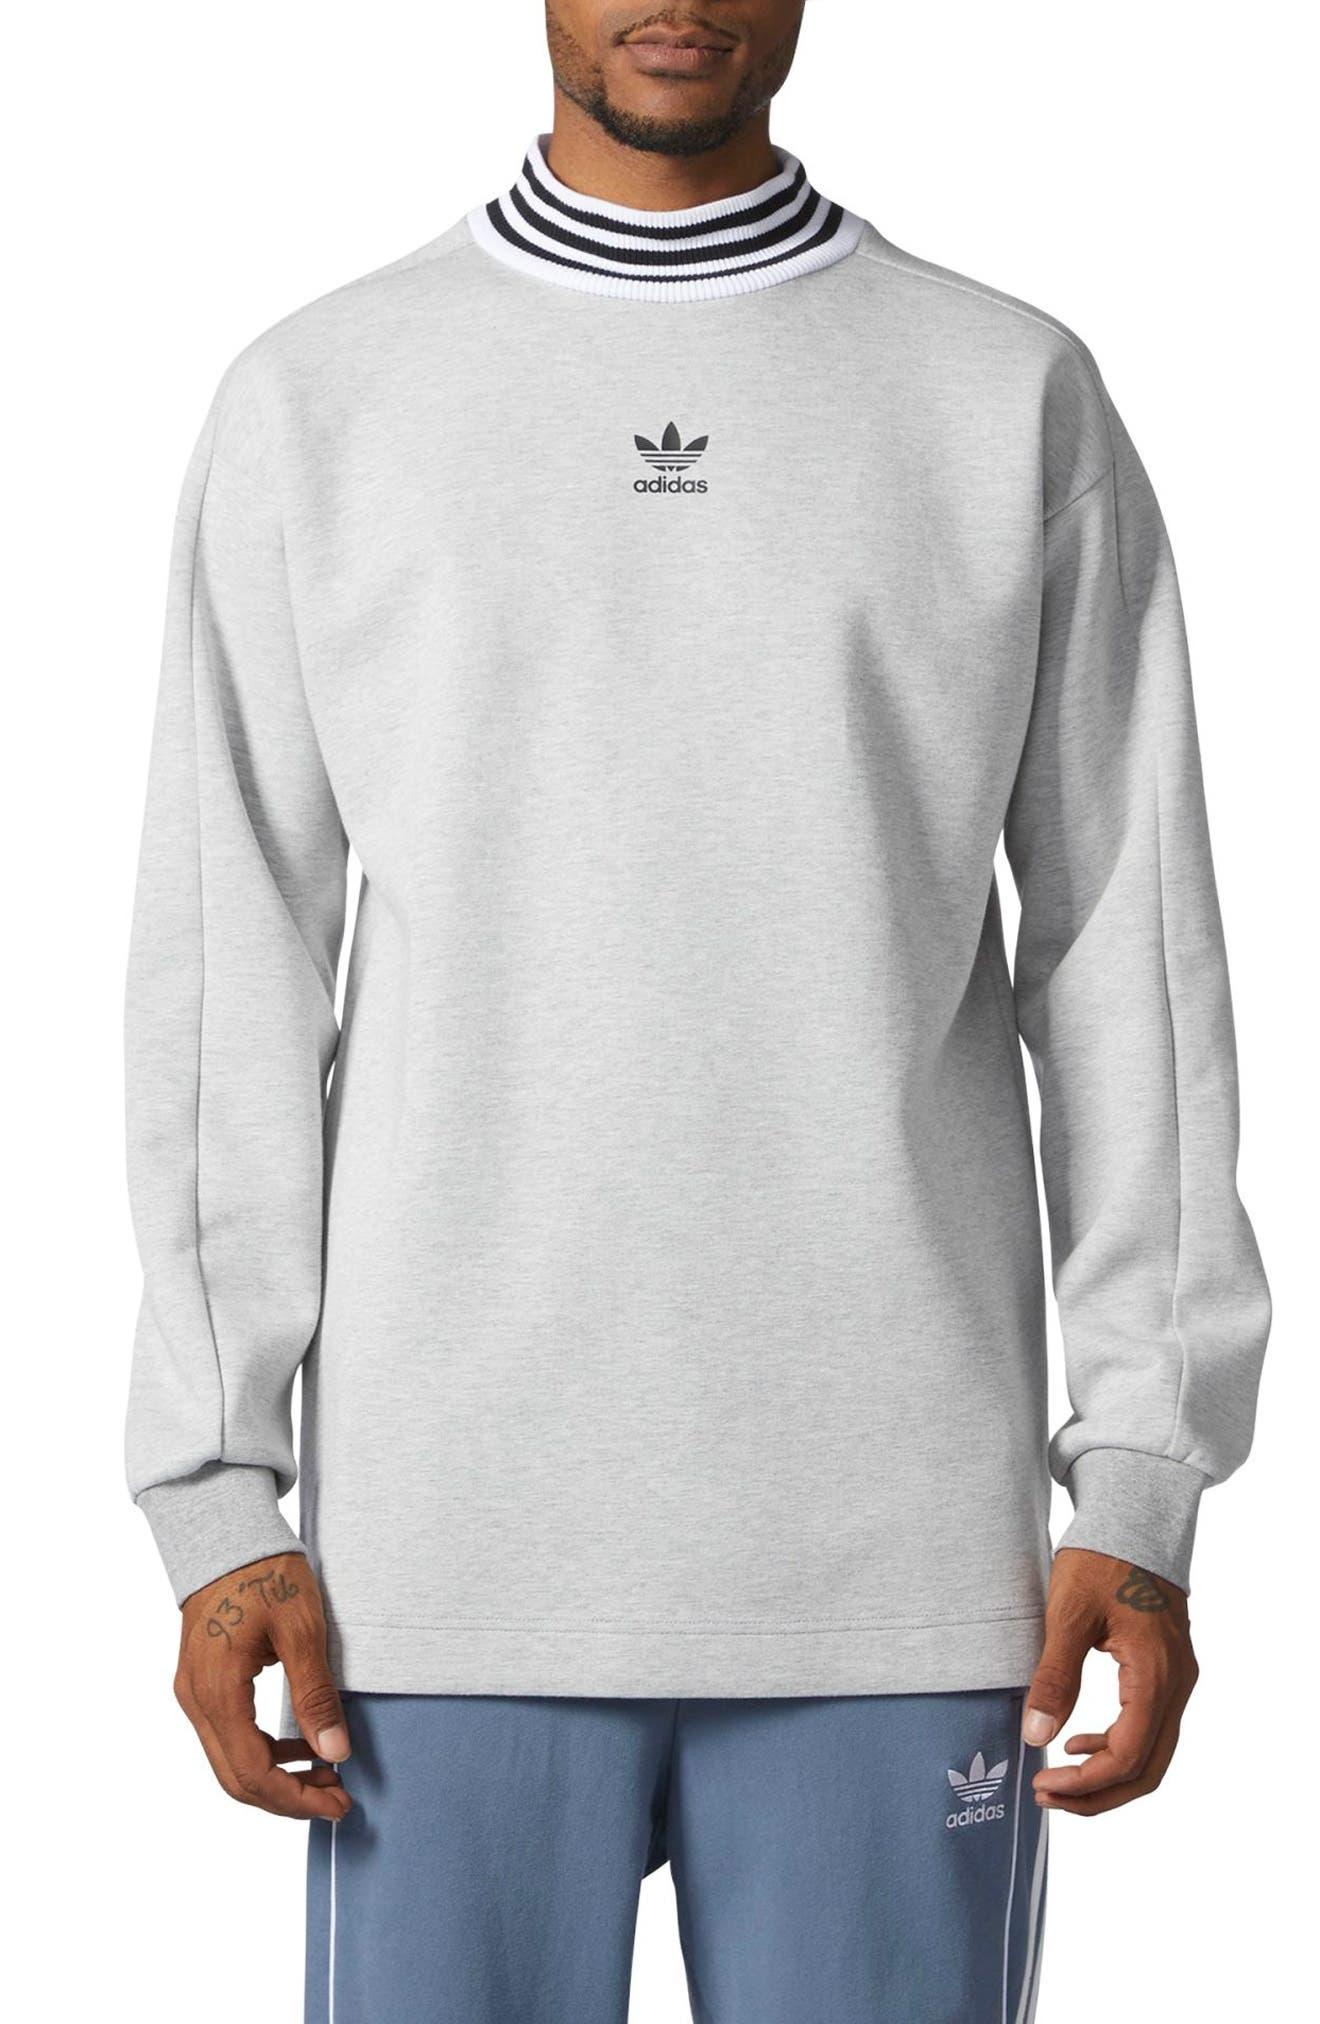 ADIDAS ORIGINALS Mock Neck Sweatshirt, Main, color, 035